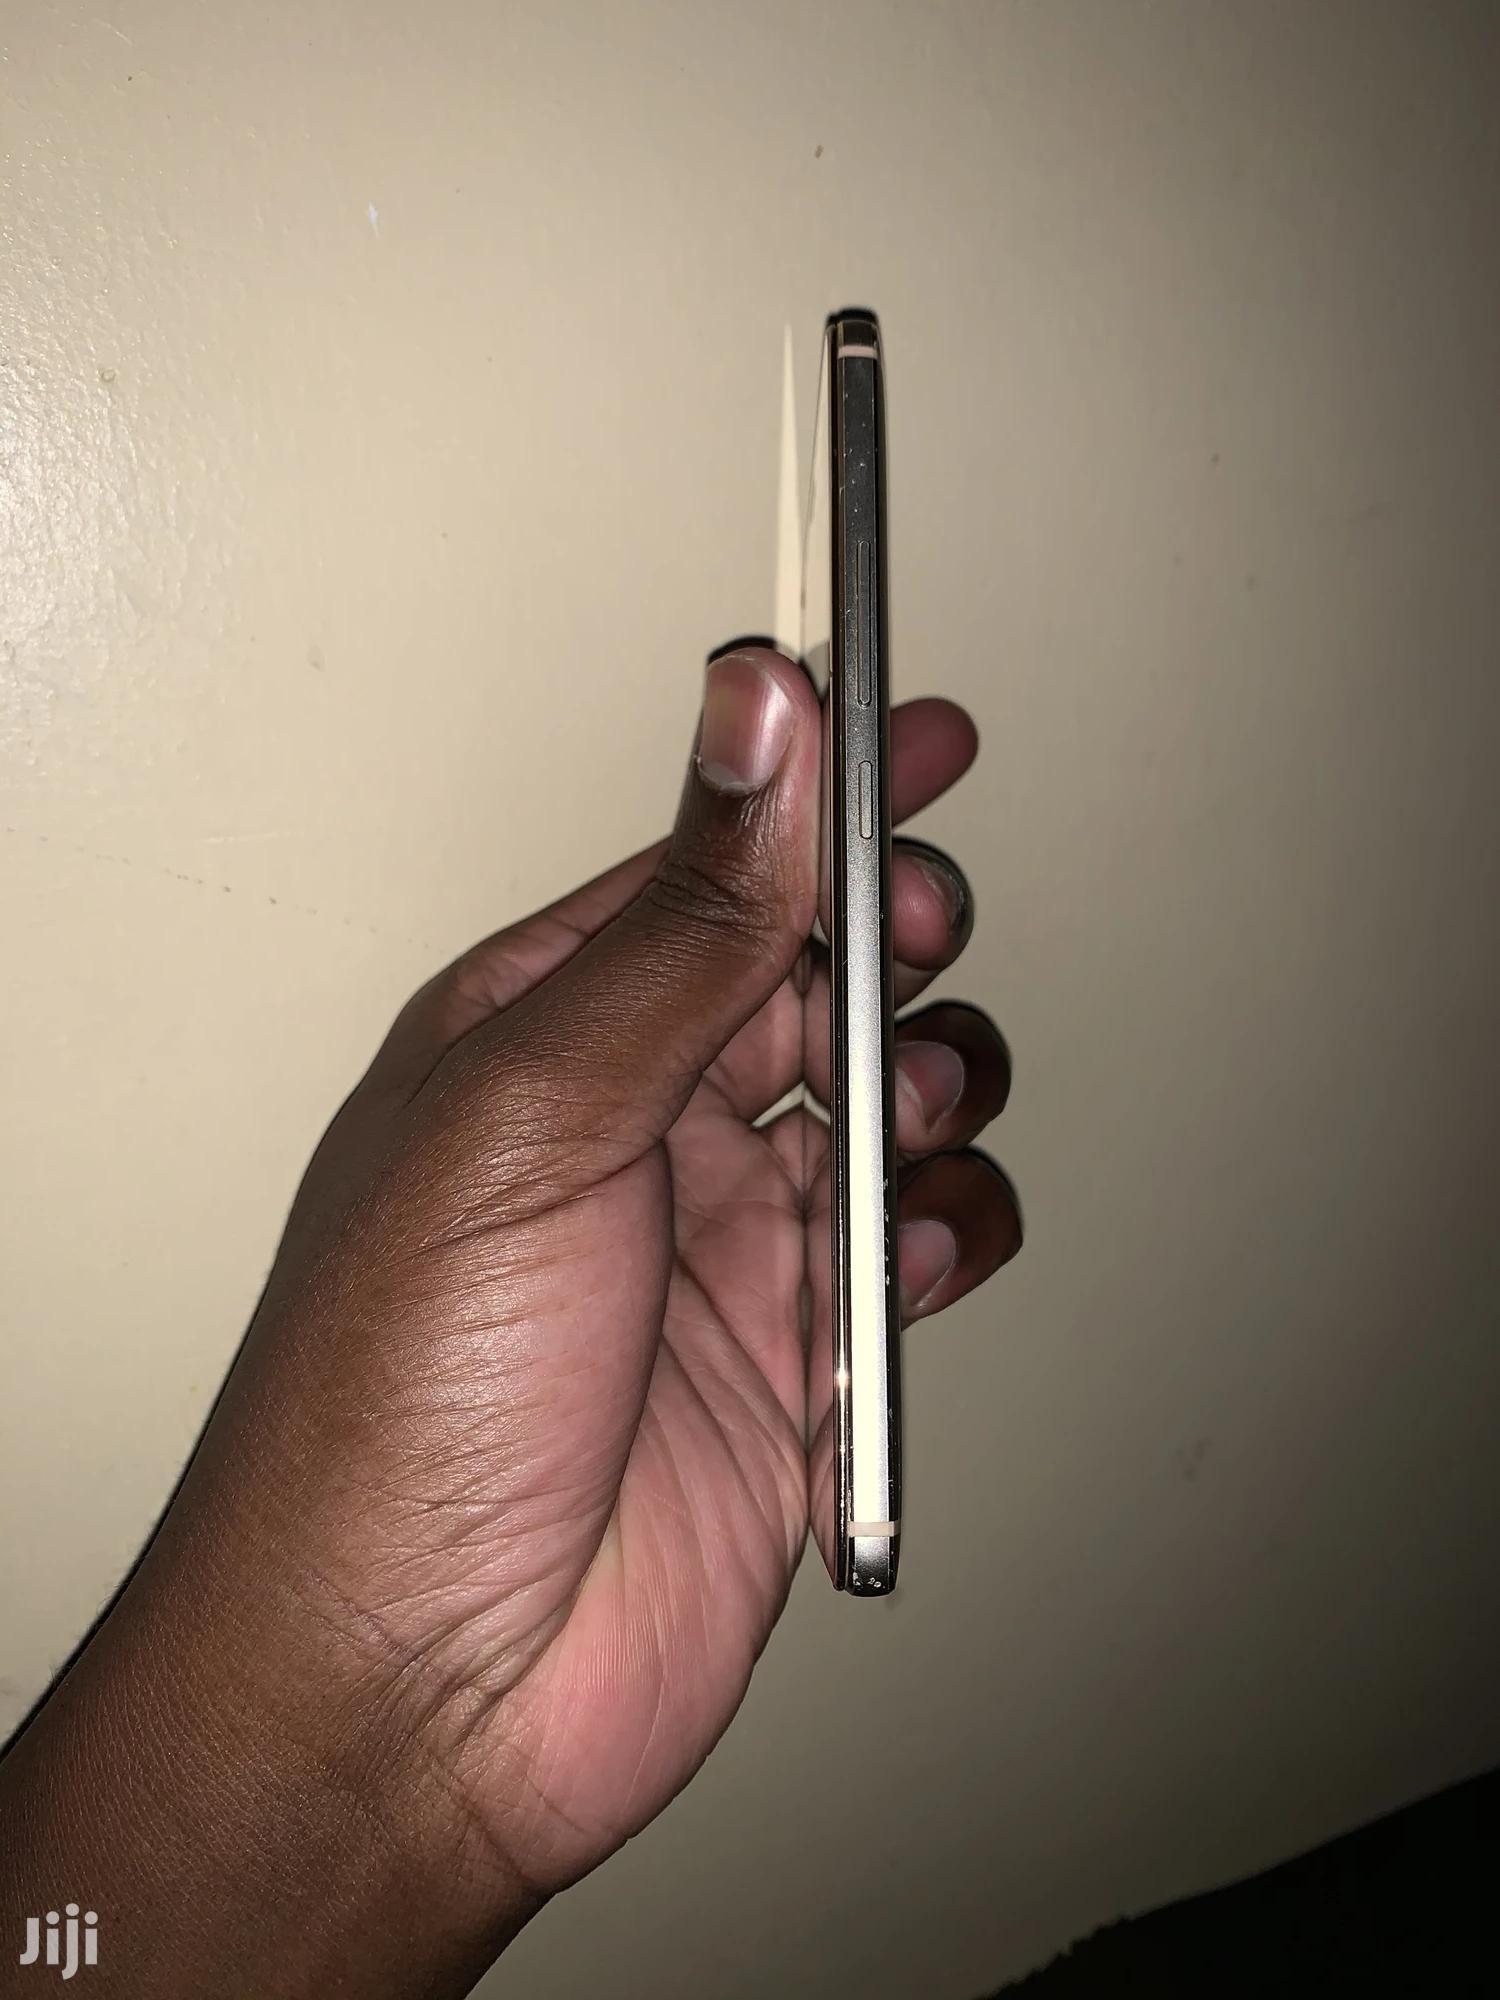 Tecno Phantom 6 Plus 64 GB Gold | Mobile Phones for sale in Kampala, Central Region, Uganda